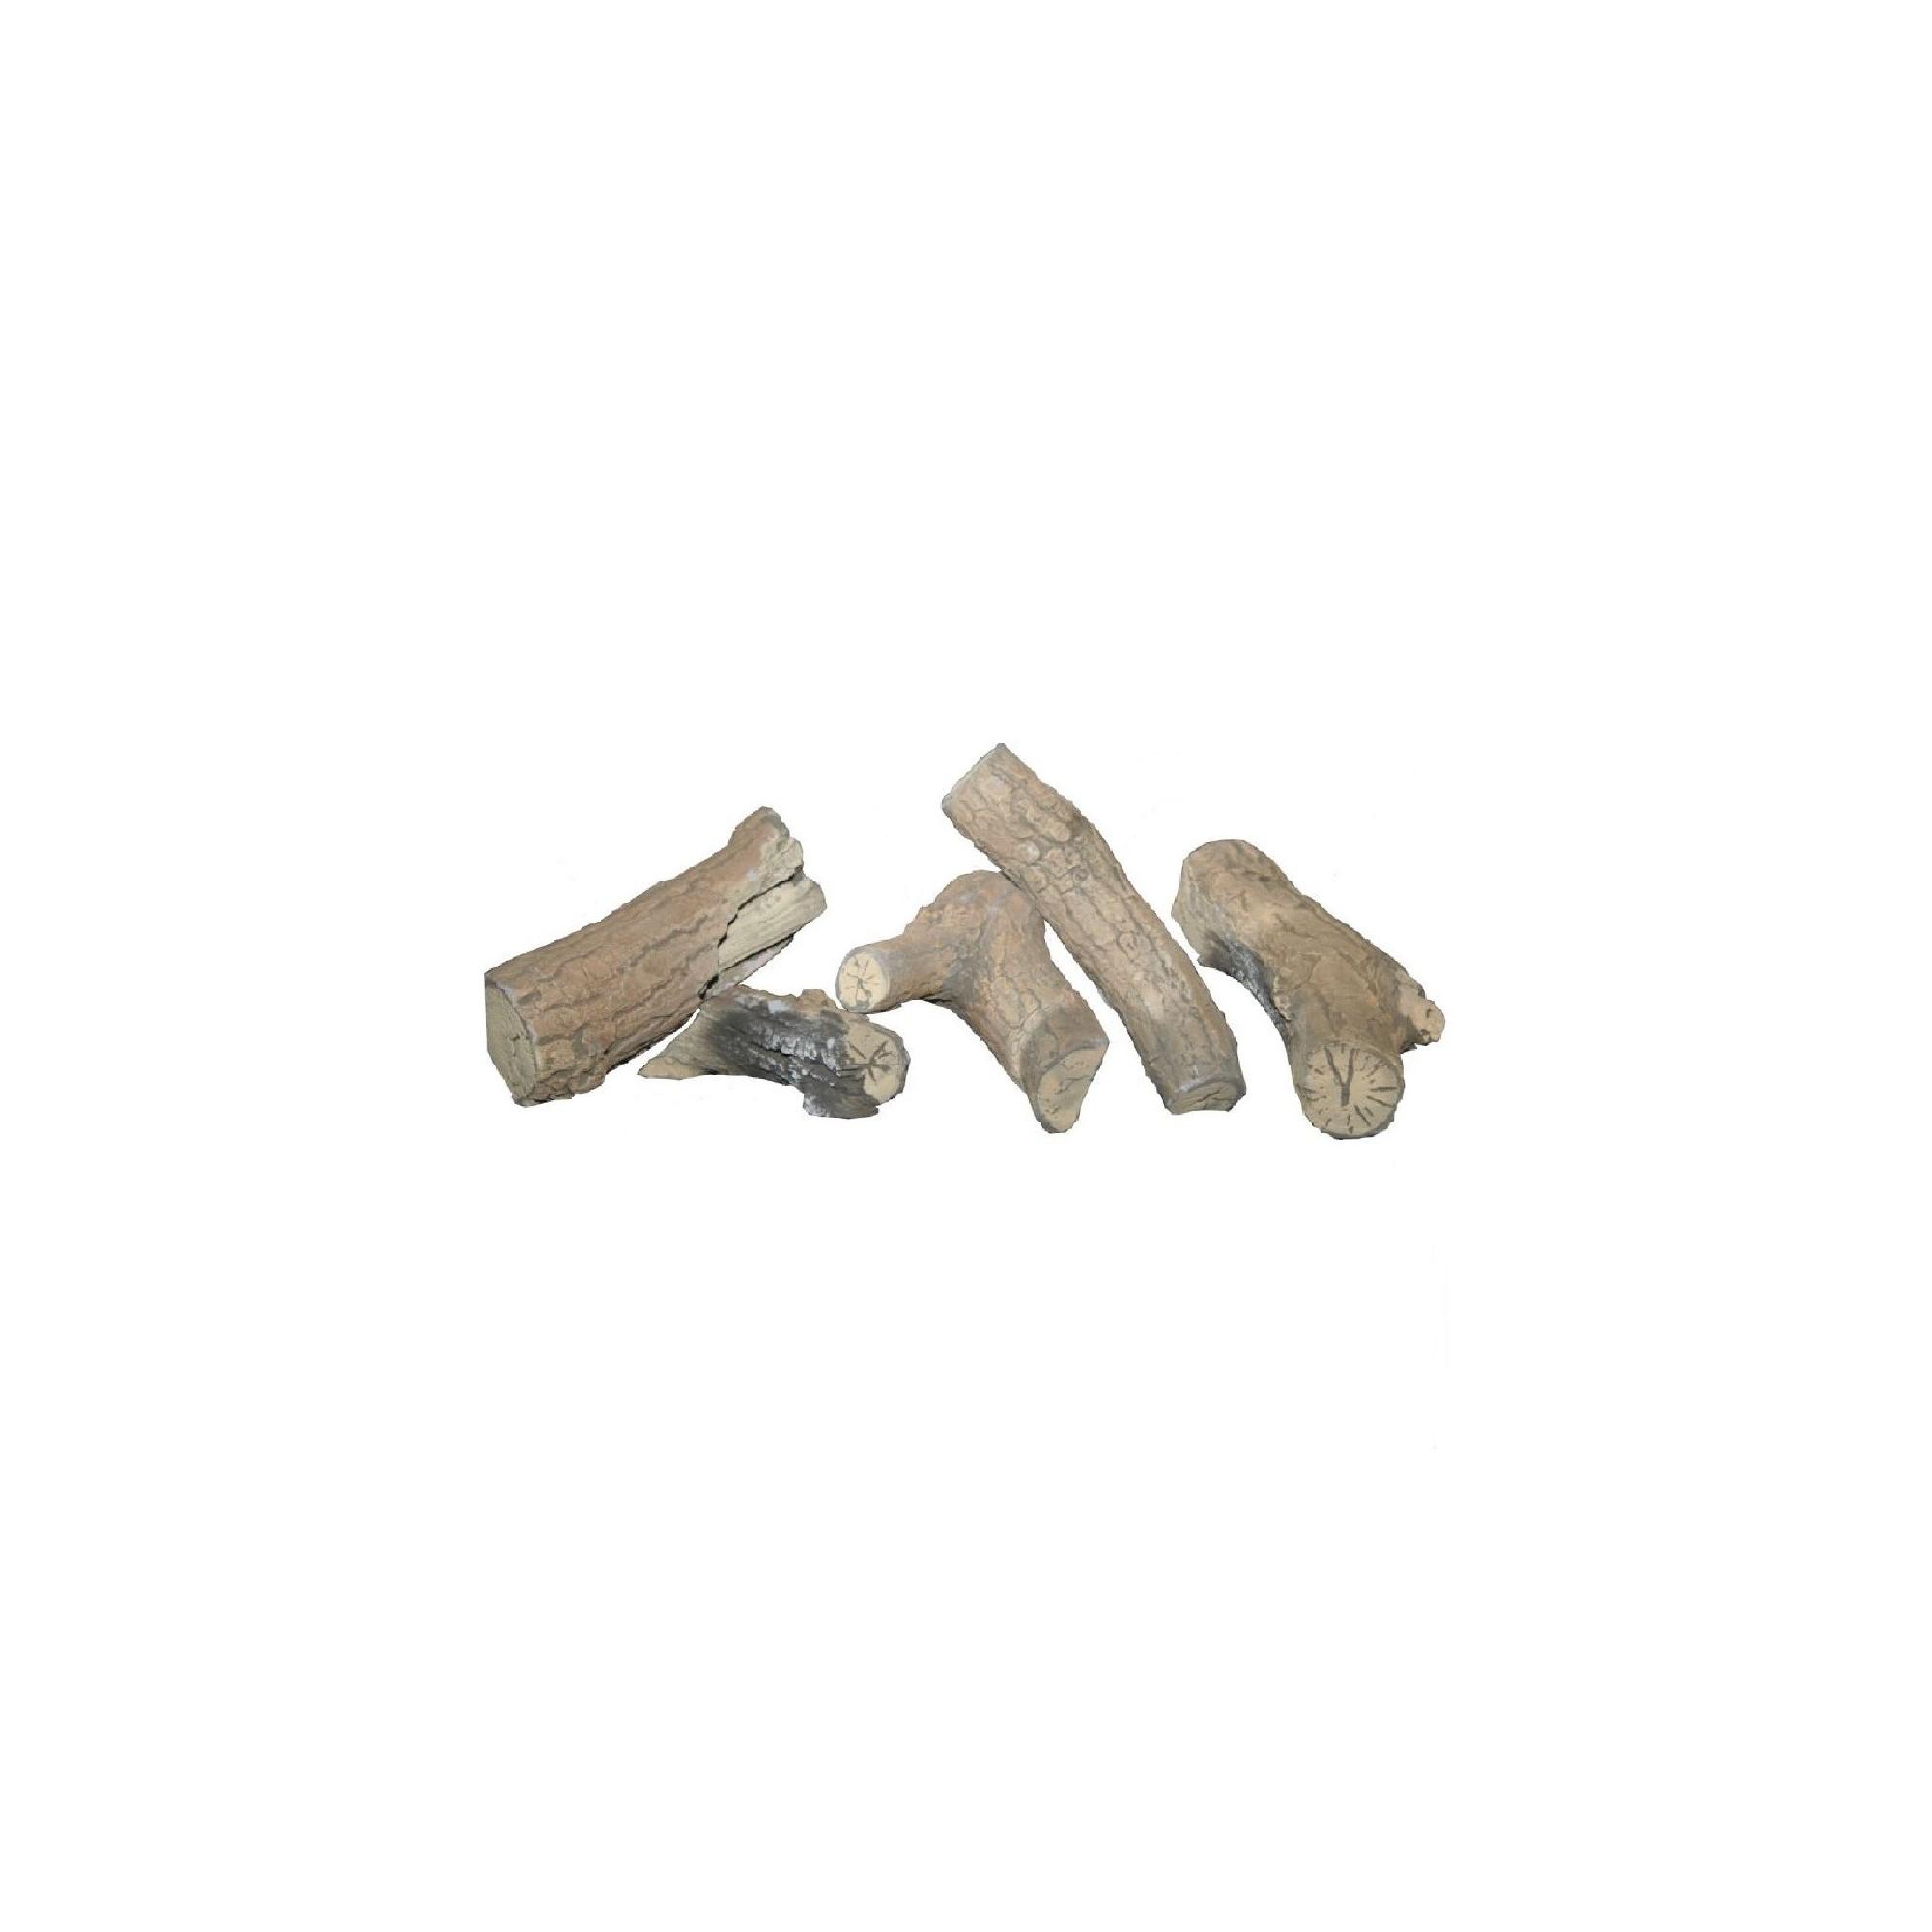 HOUTSET A9E-A19/E-A108-A99/E-A116-K96/S-K98/E